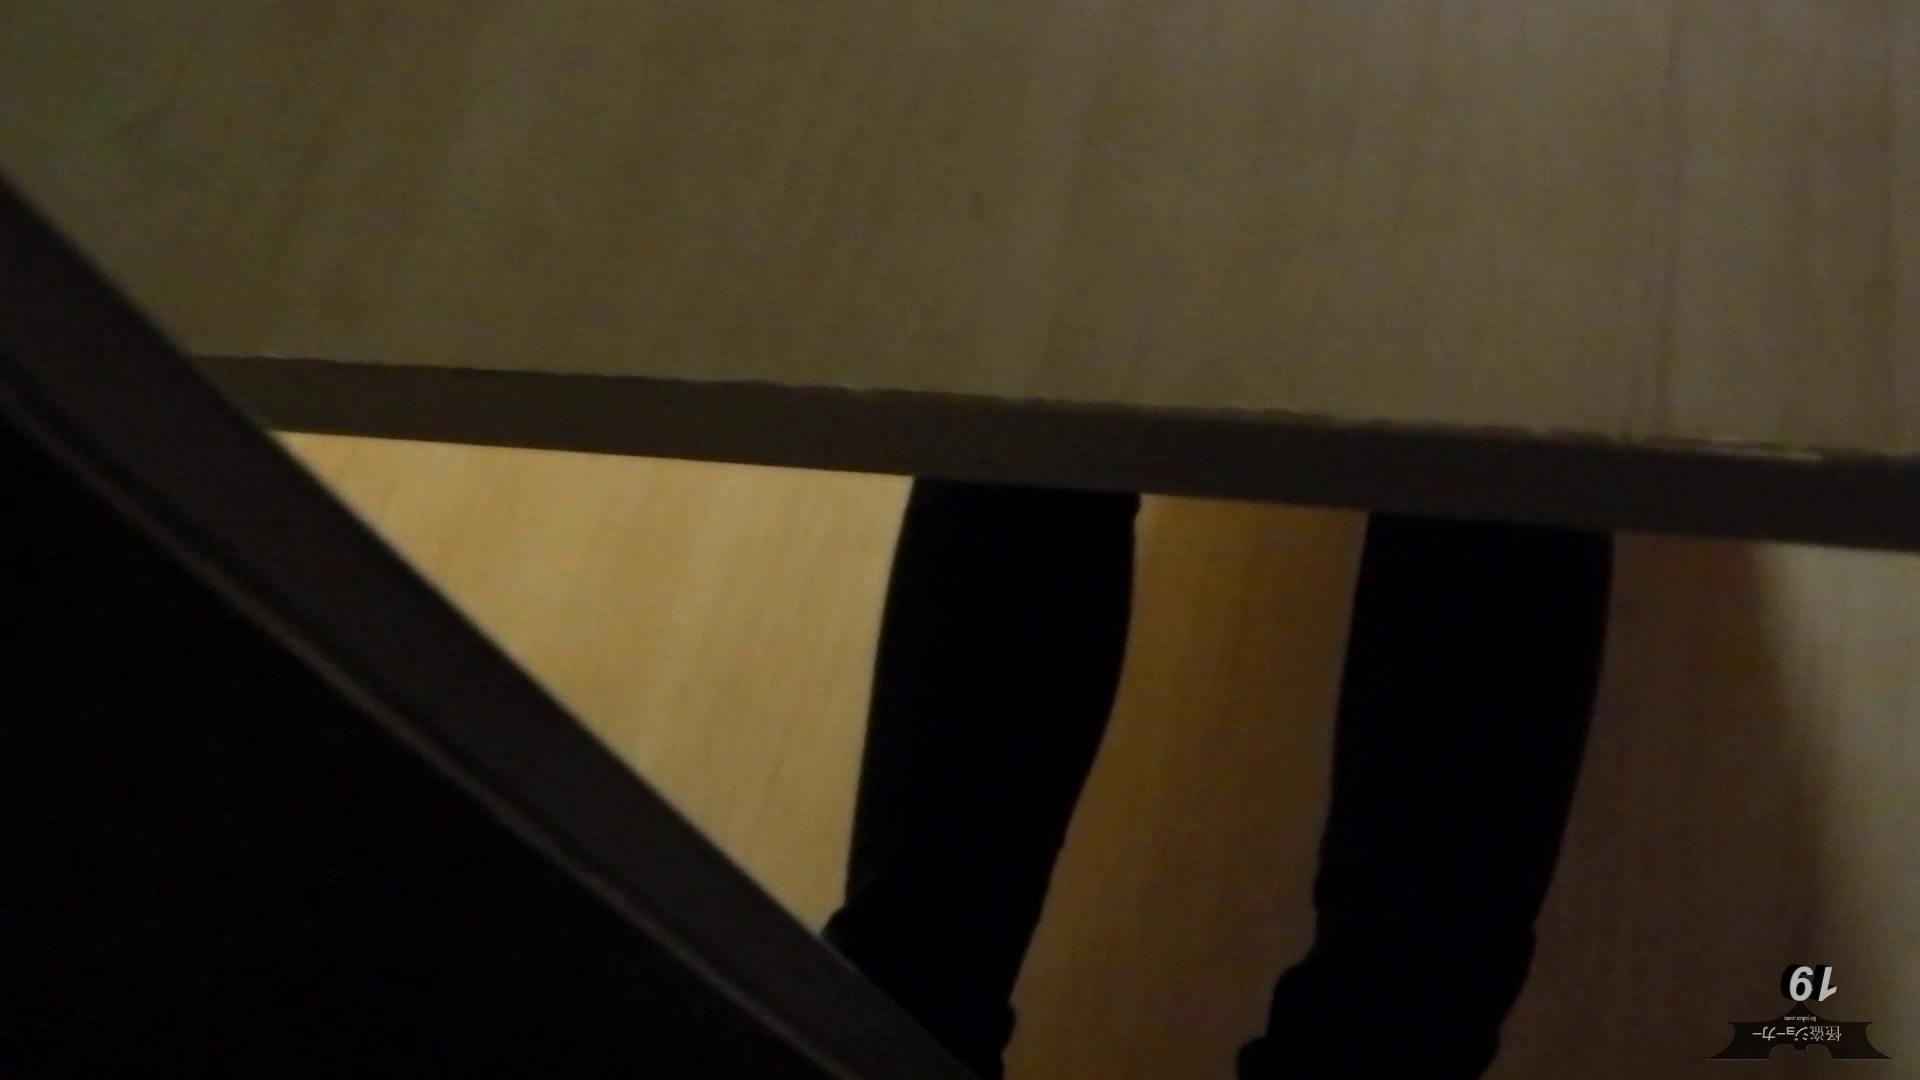 阿国ちゃんの「和式洋式七変化」 (NEW)19 「雫」はしっかりと切るんです! アラ30 オマンコ無修正動画無料 86画像 58